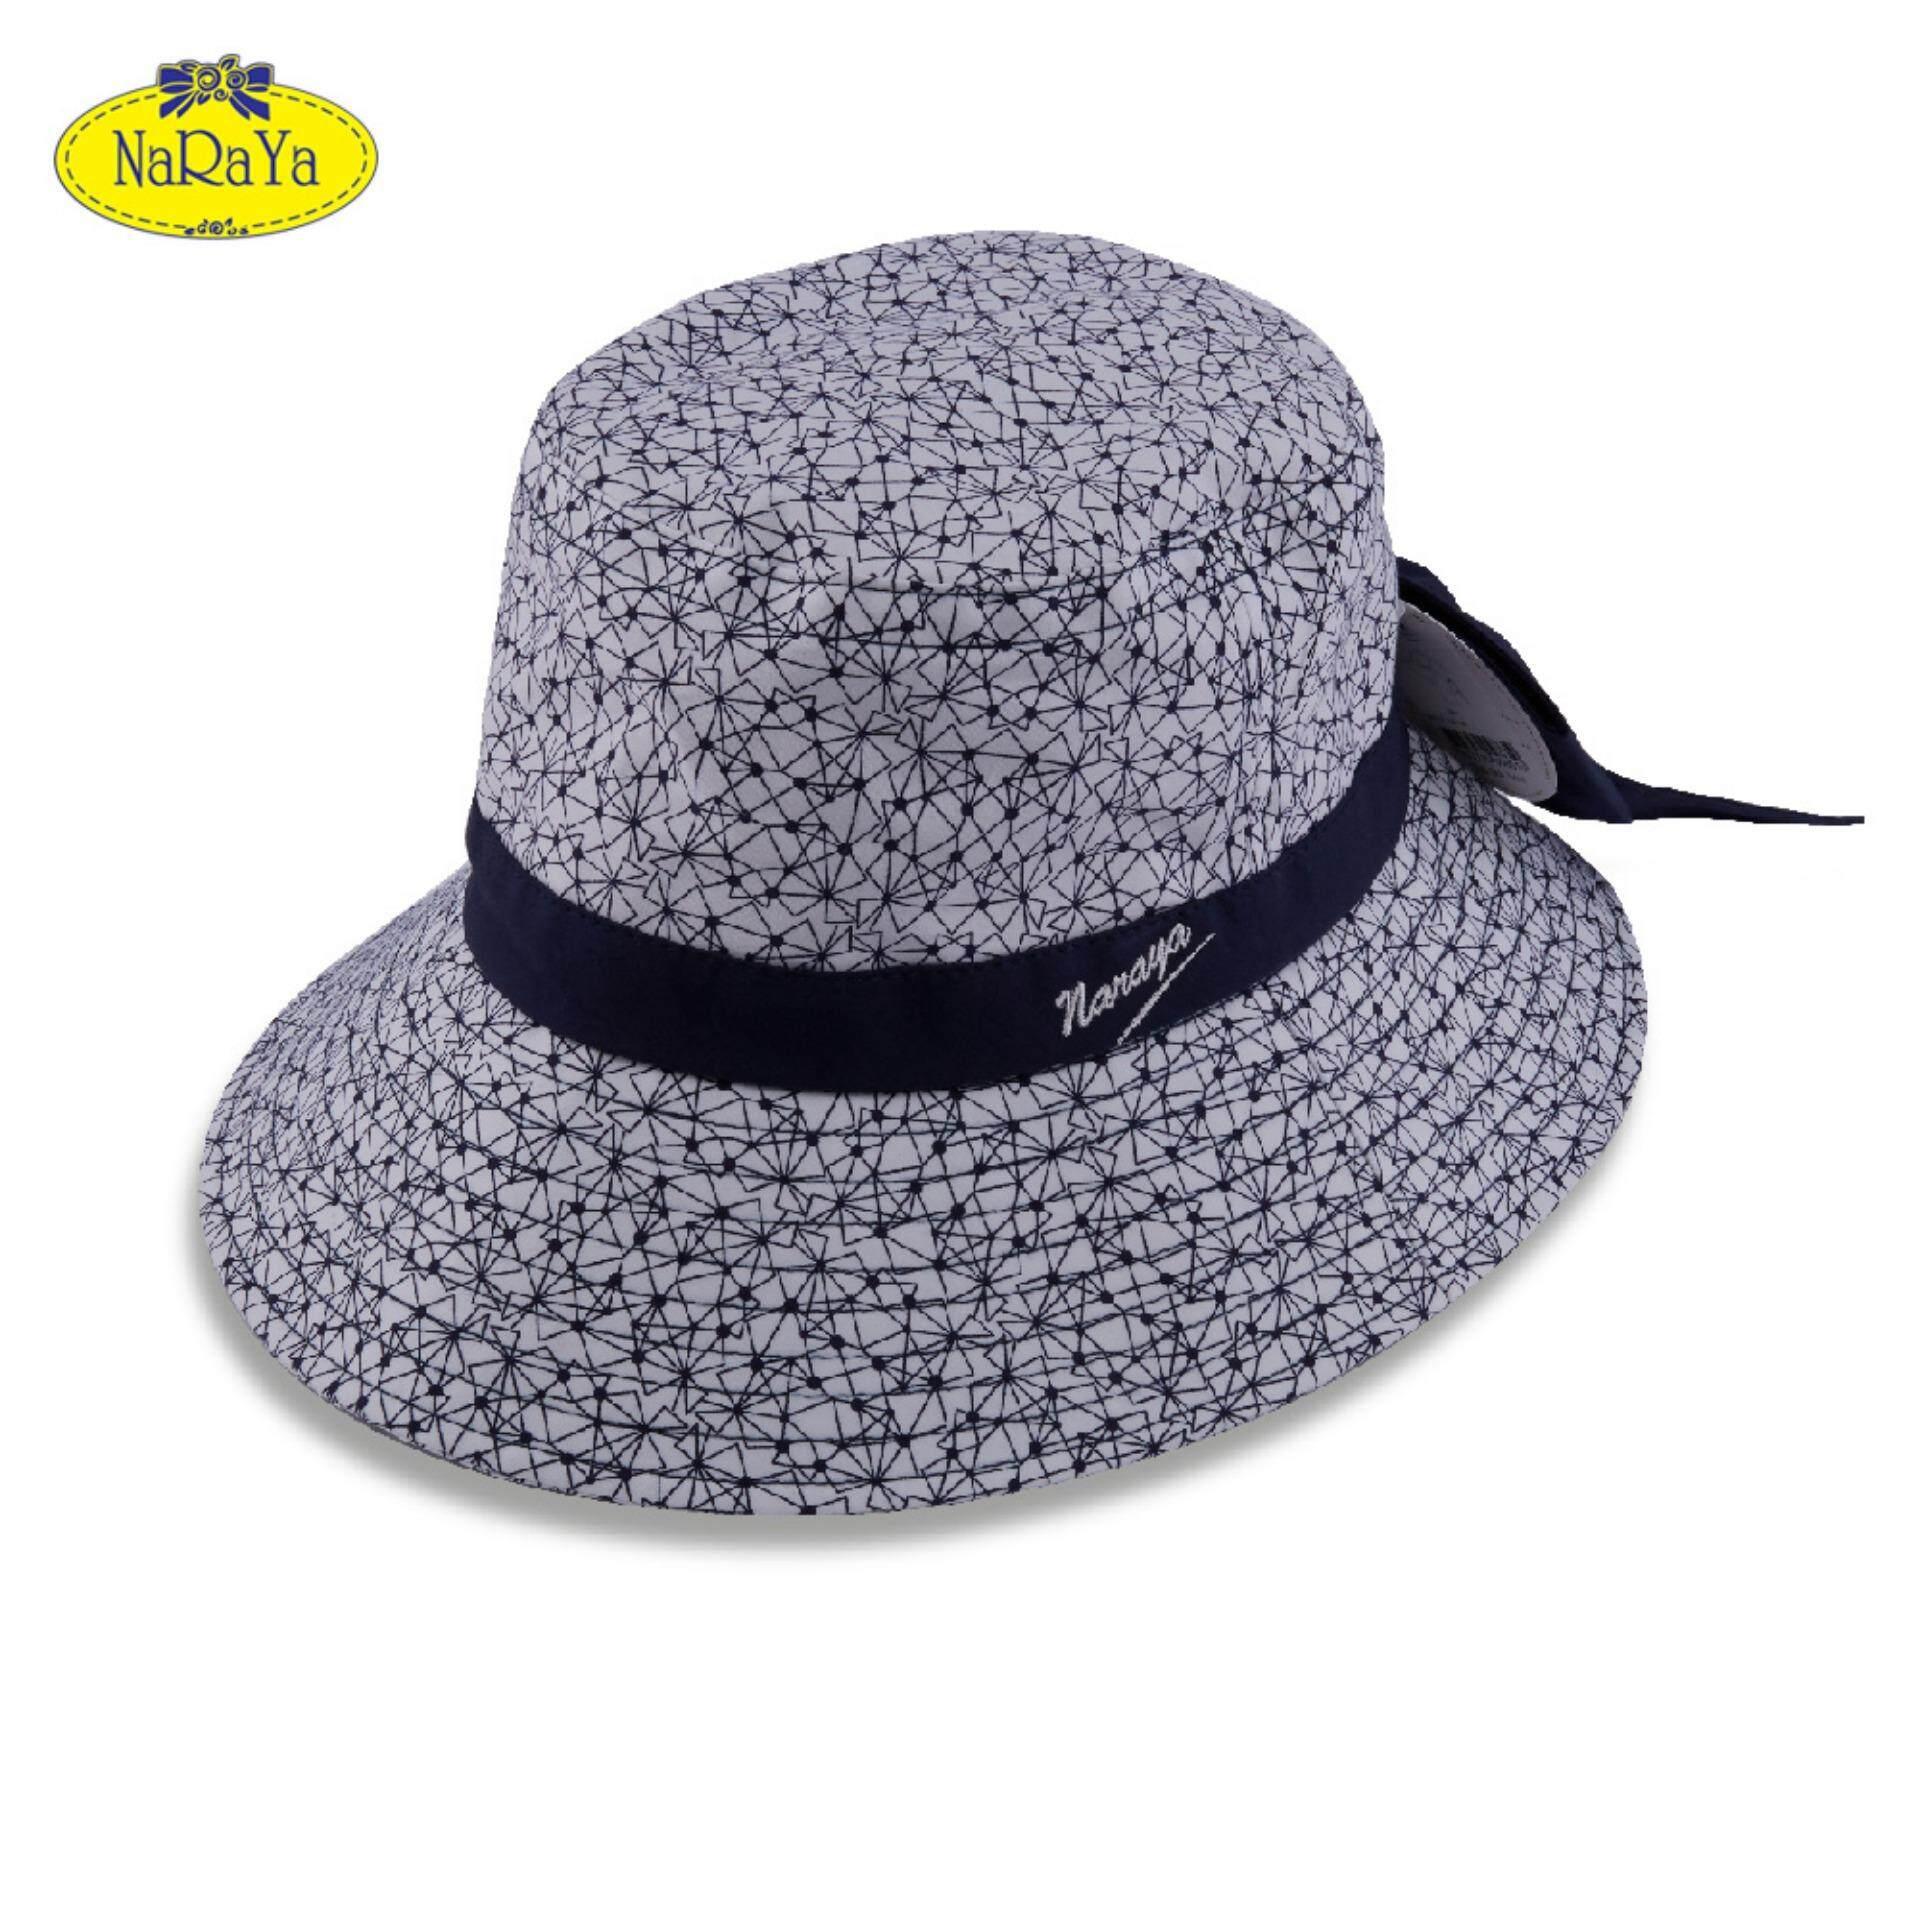 หมวก NaRaYa Geometric Printed with Bow